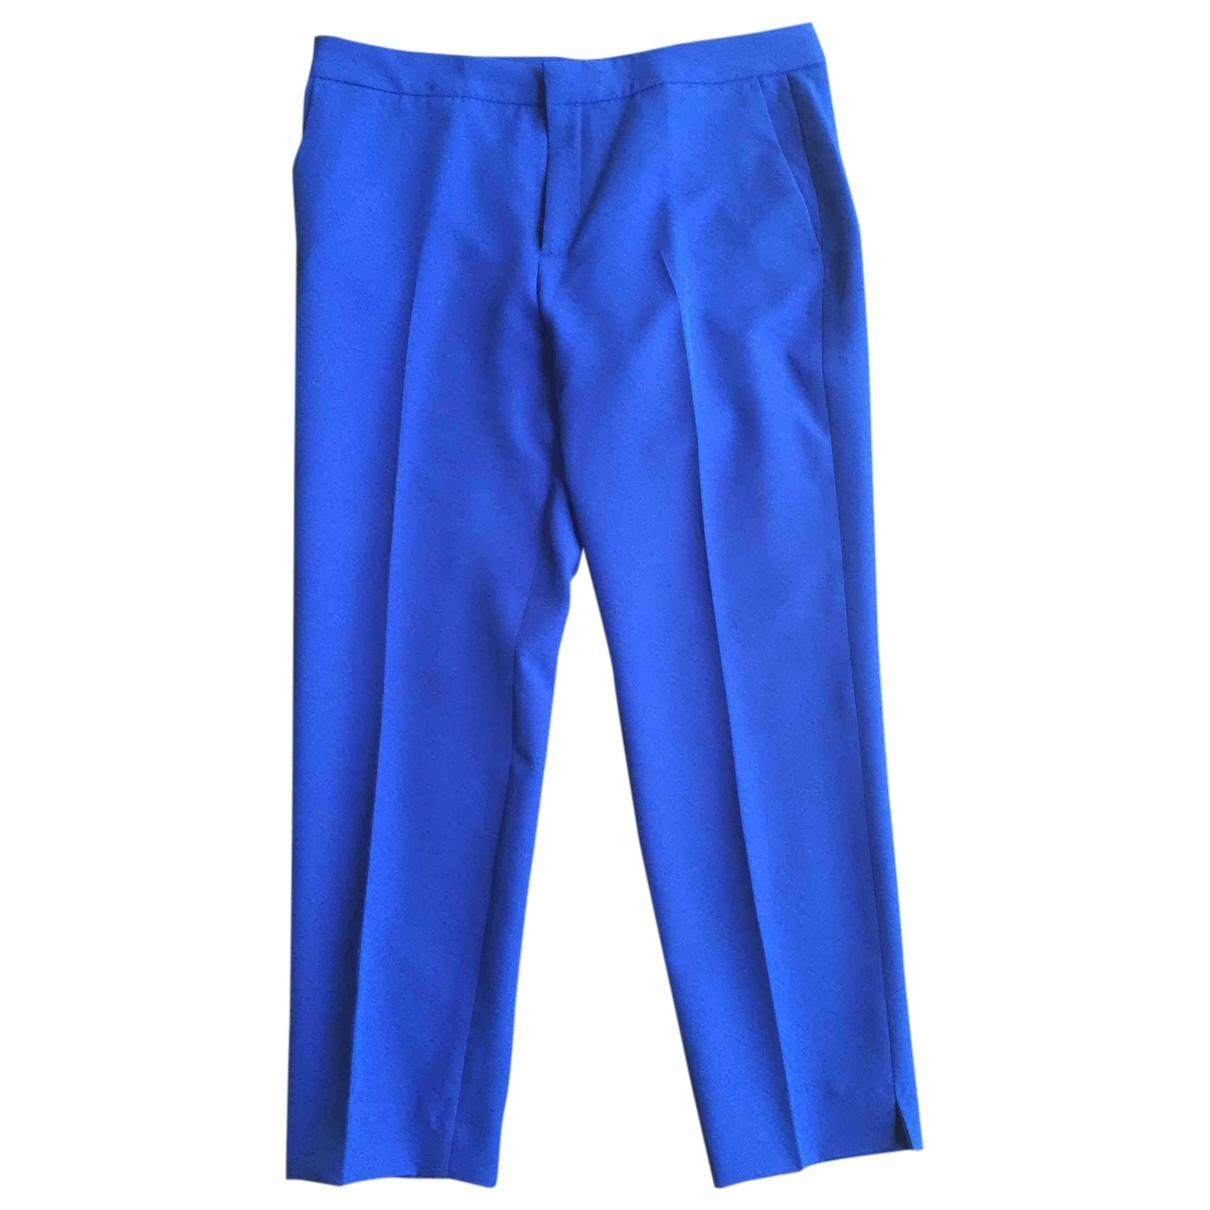 Zara \N Turquoise Trousers for Women 44 IT